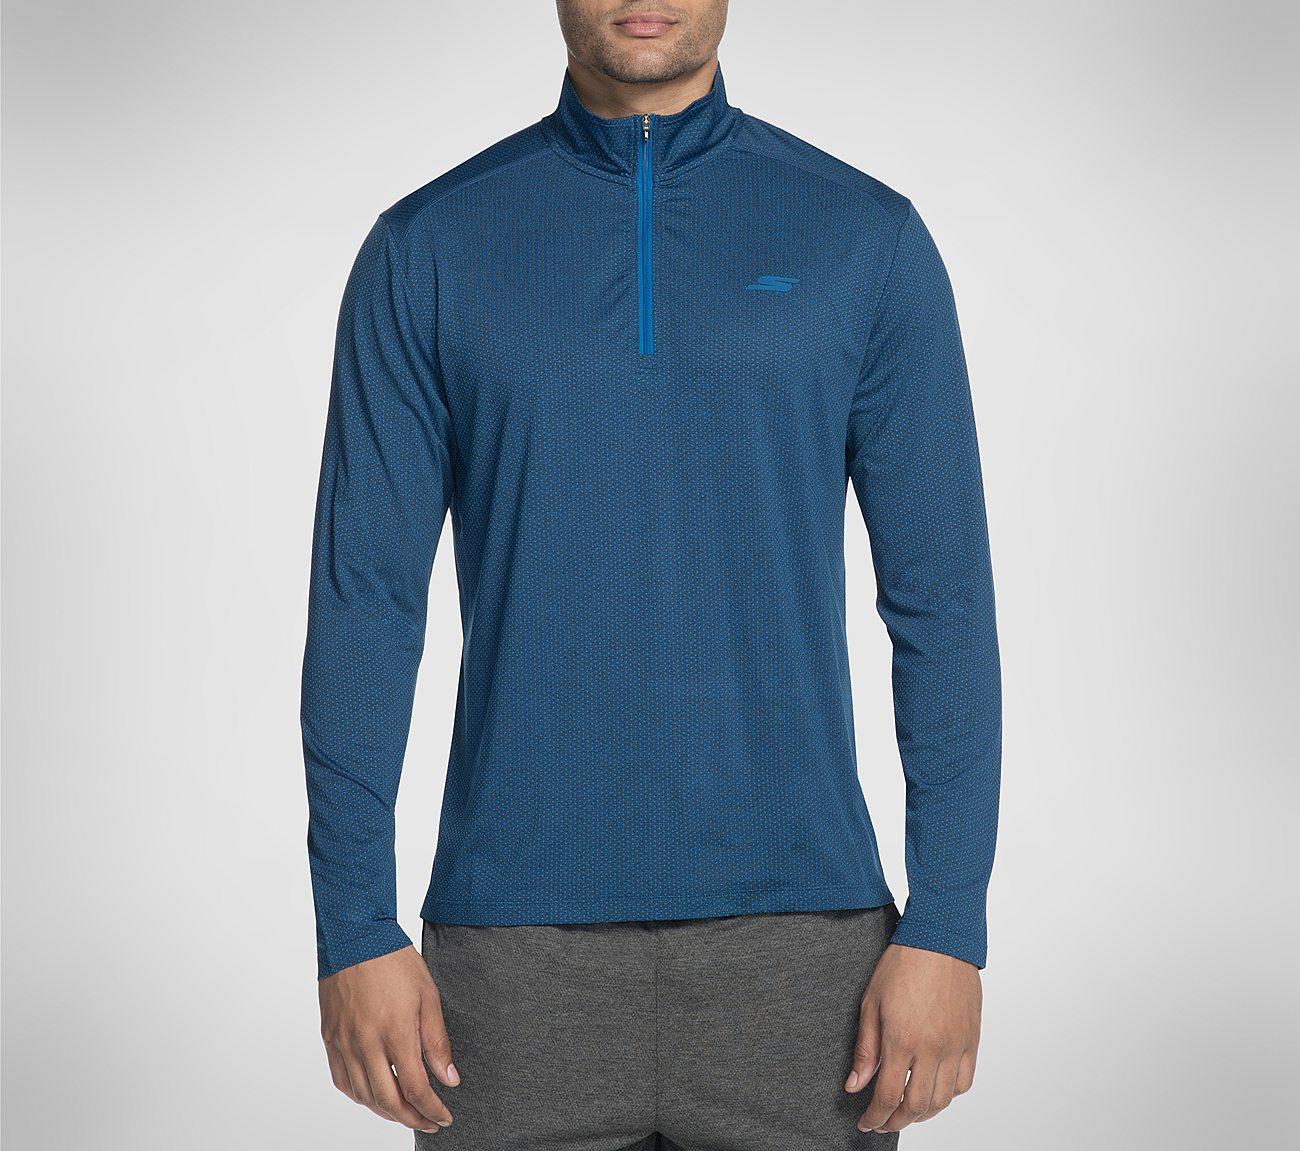 Davenport 1-4 Zip Shirt